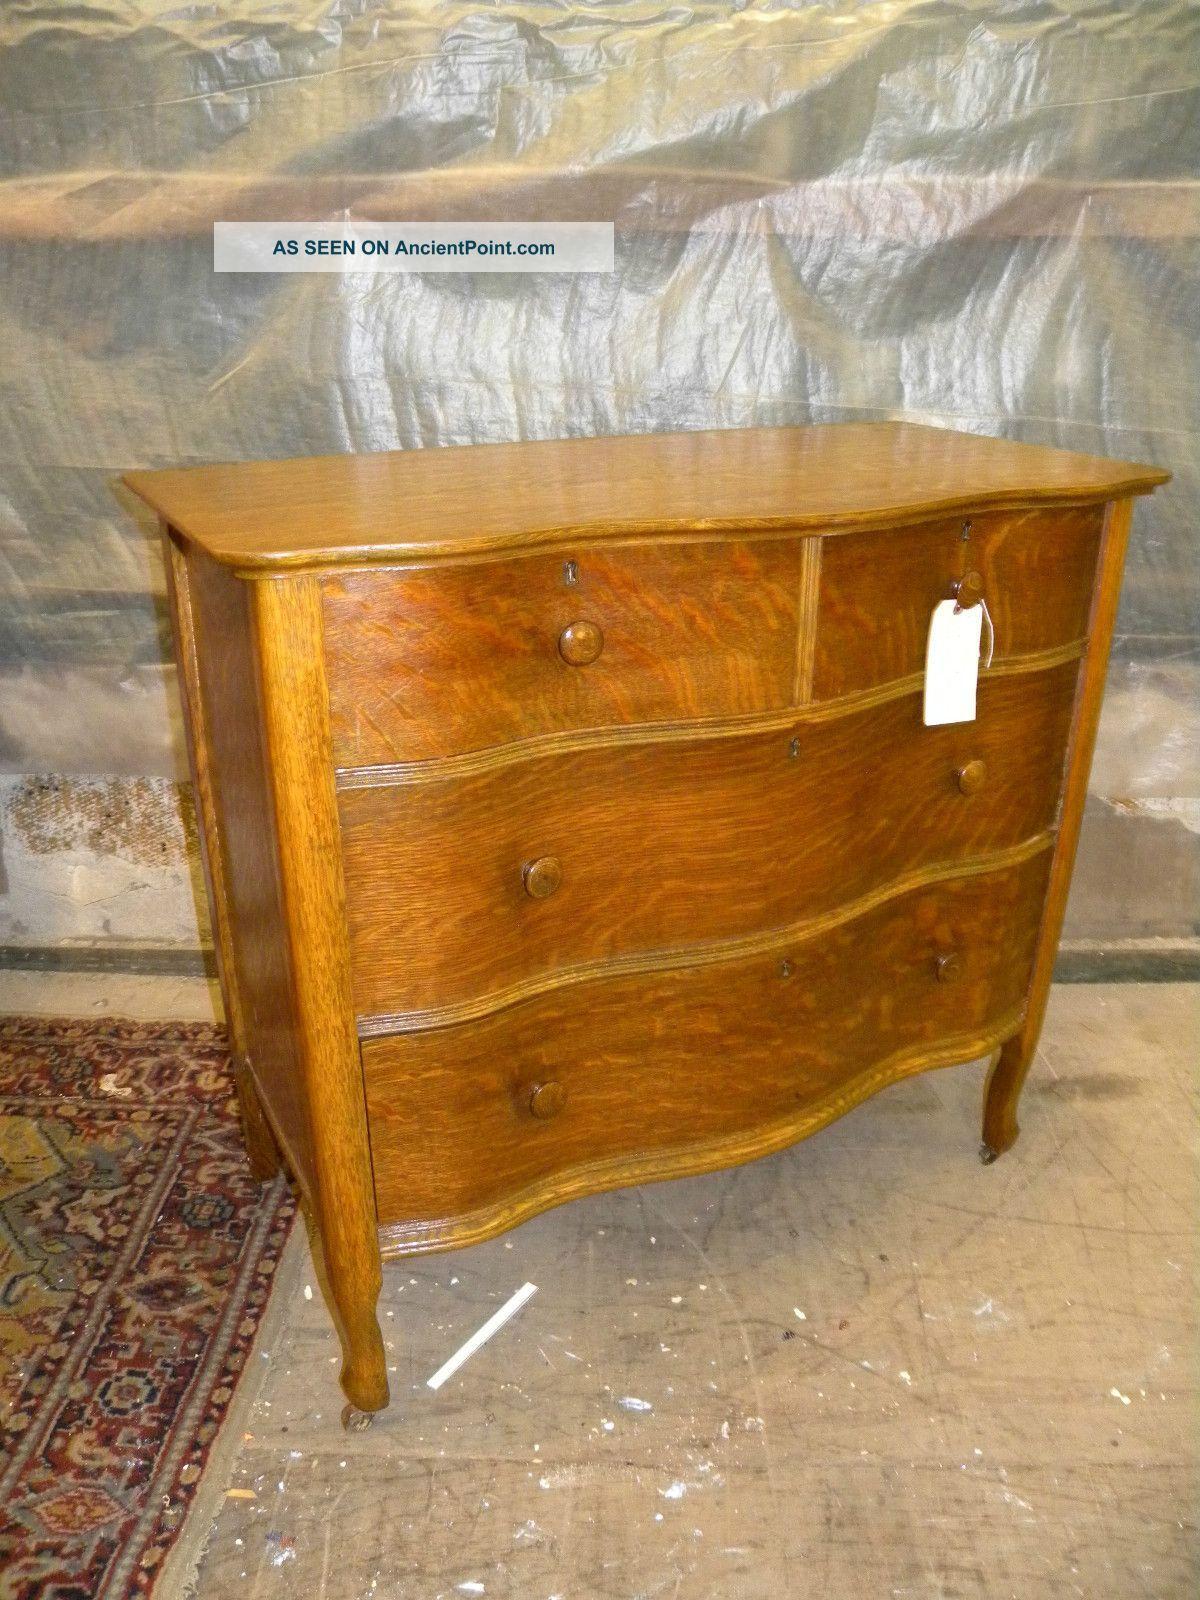 Antique oak bedroom furniture - Antique Oak Serpentine Curved Front Dresser Bedroom Chest Of Drawers